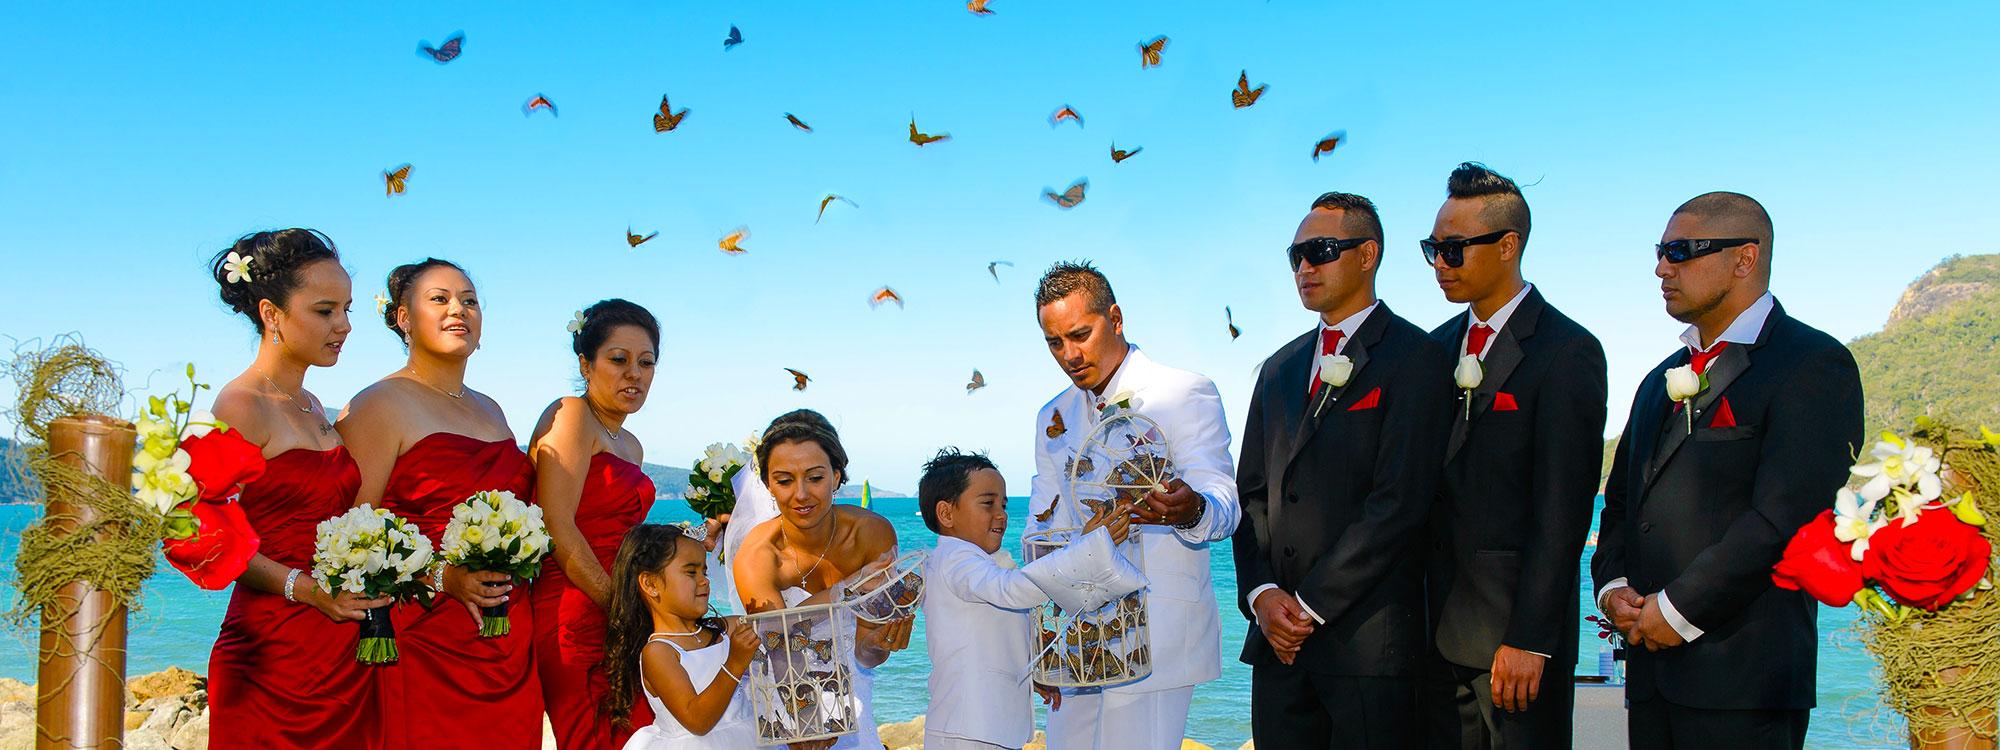 1408310088.jpg-butterfly-release-banner-2000